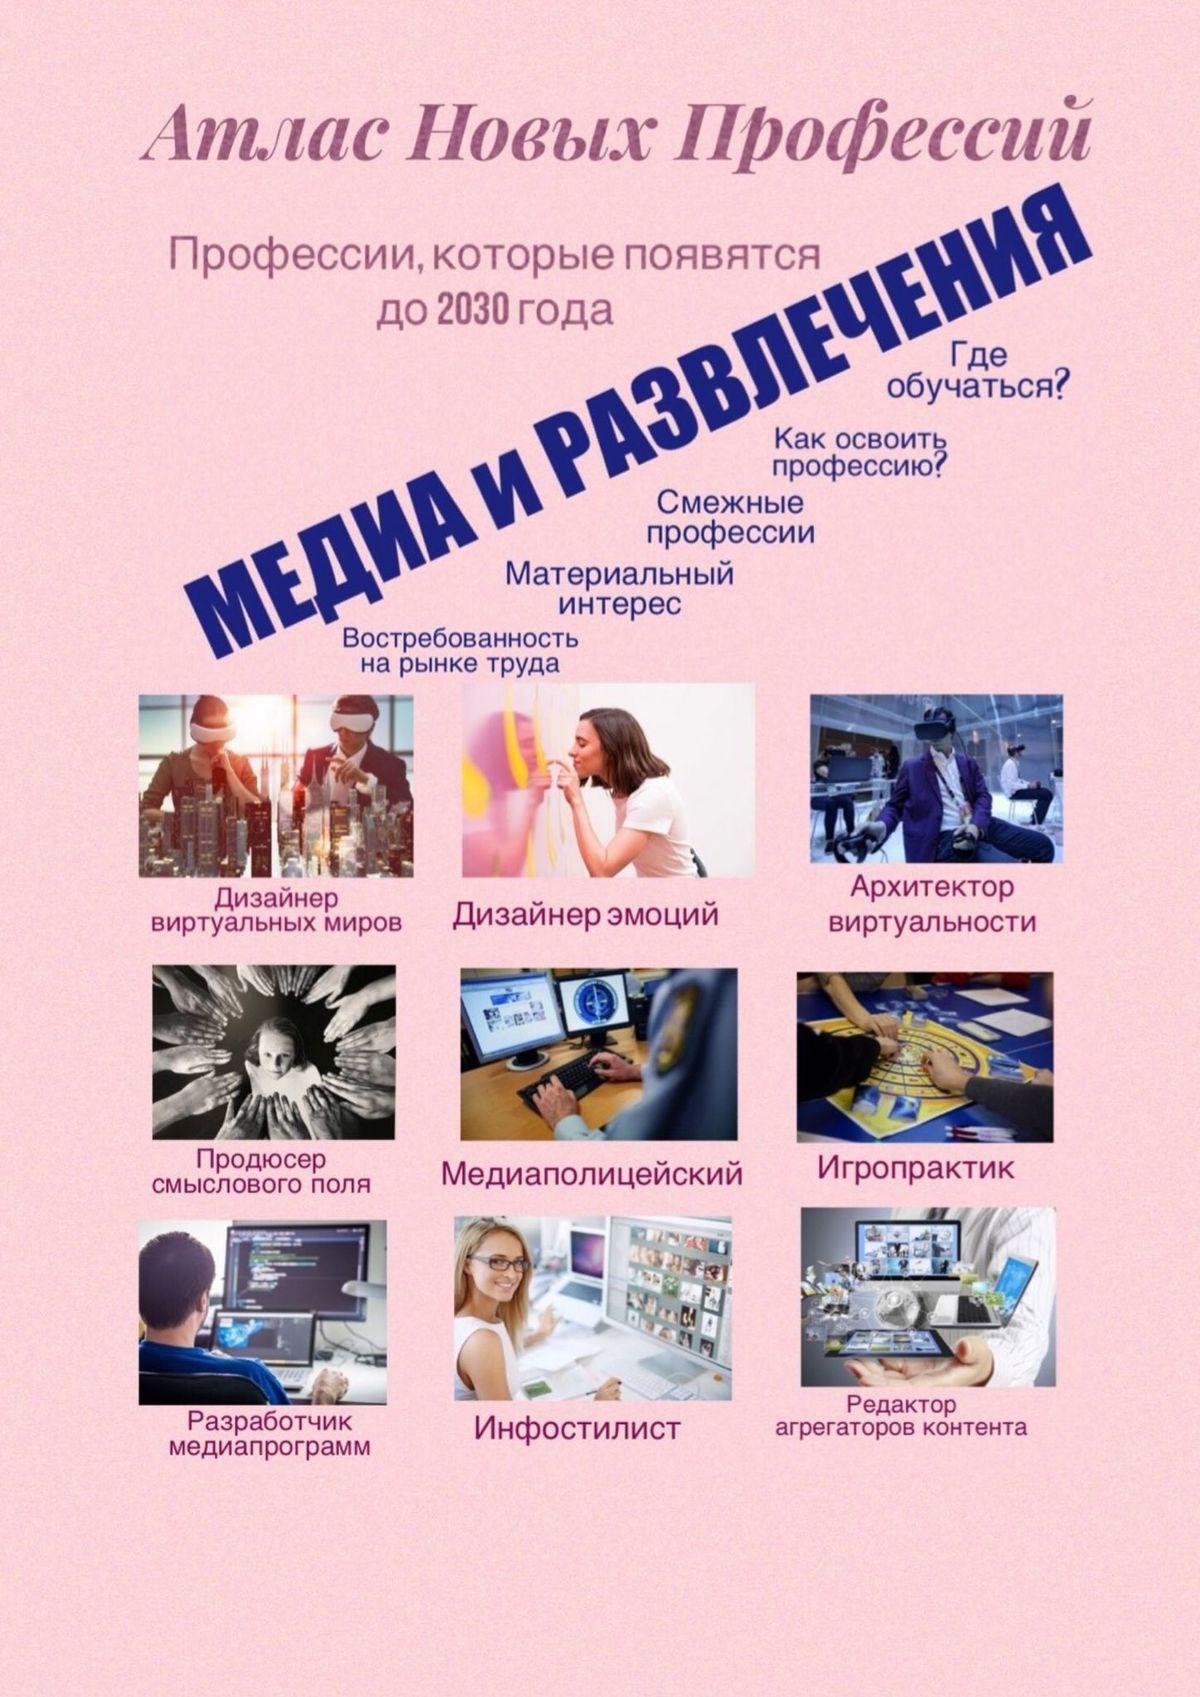 Татьяна Александровна Тонунц Атлас новых профессий. Медиа иразвлечения. Профессии, которые появятся до 2030 года